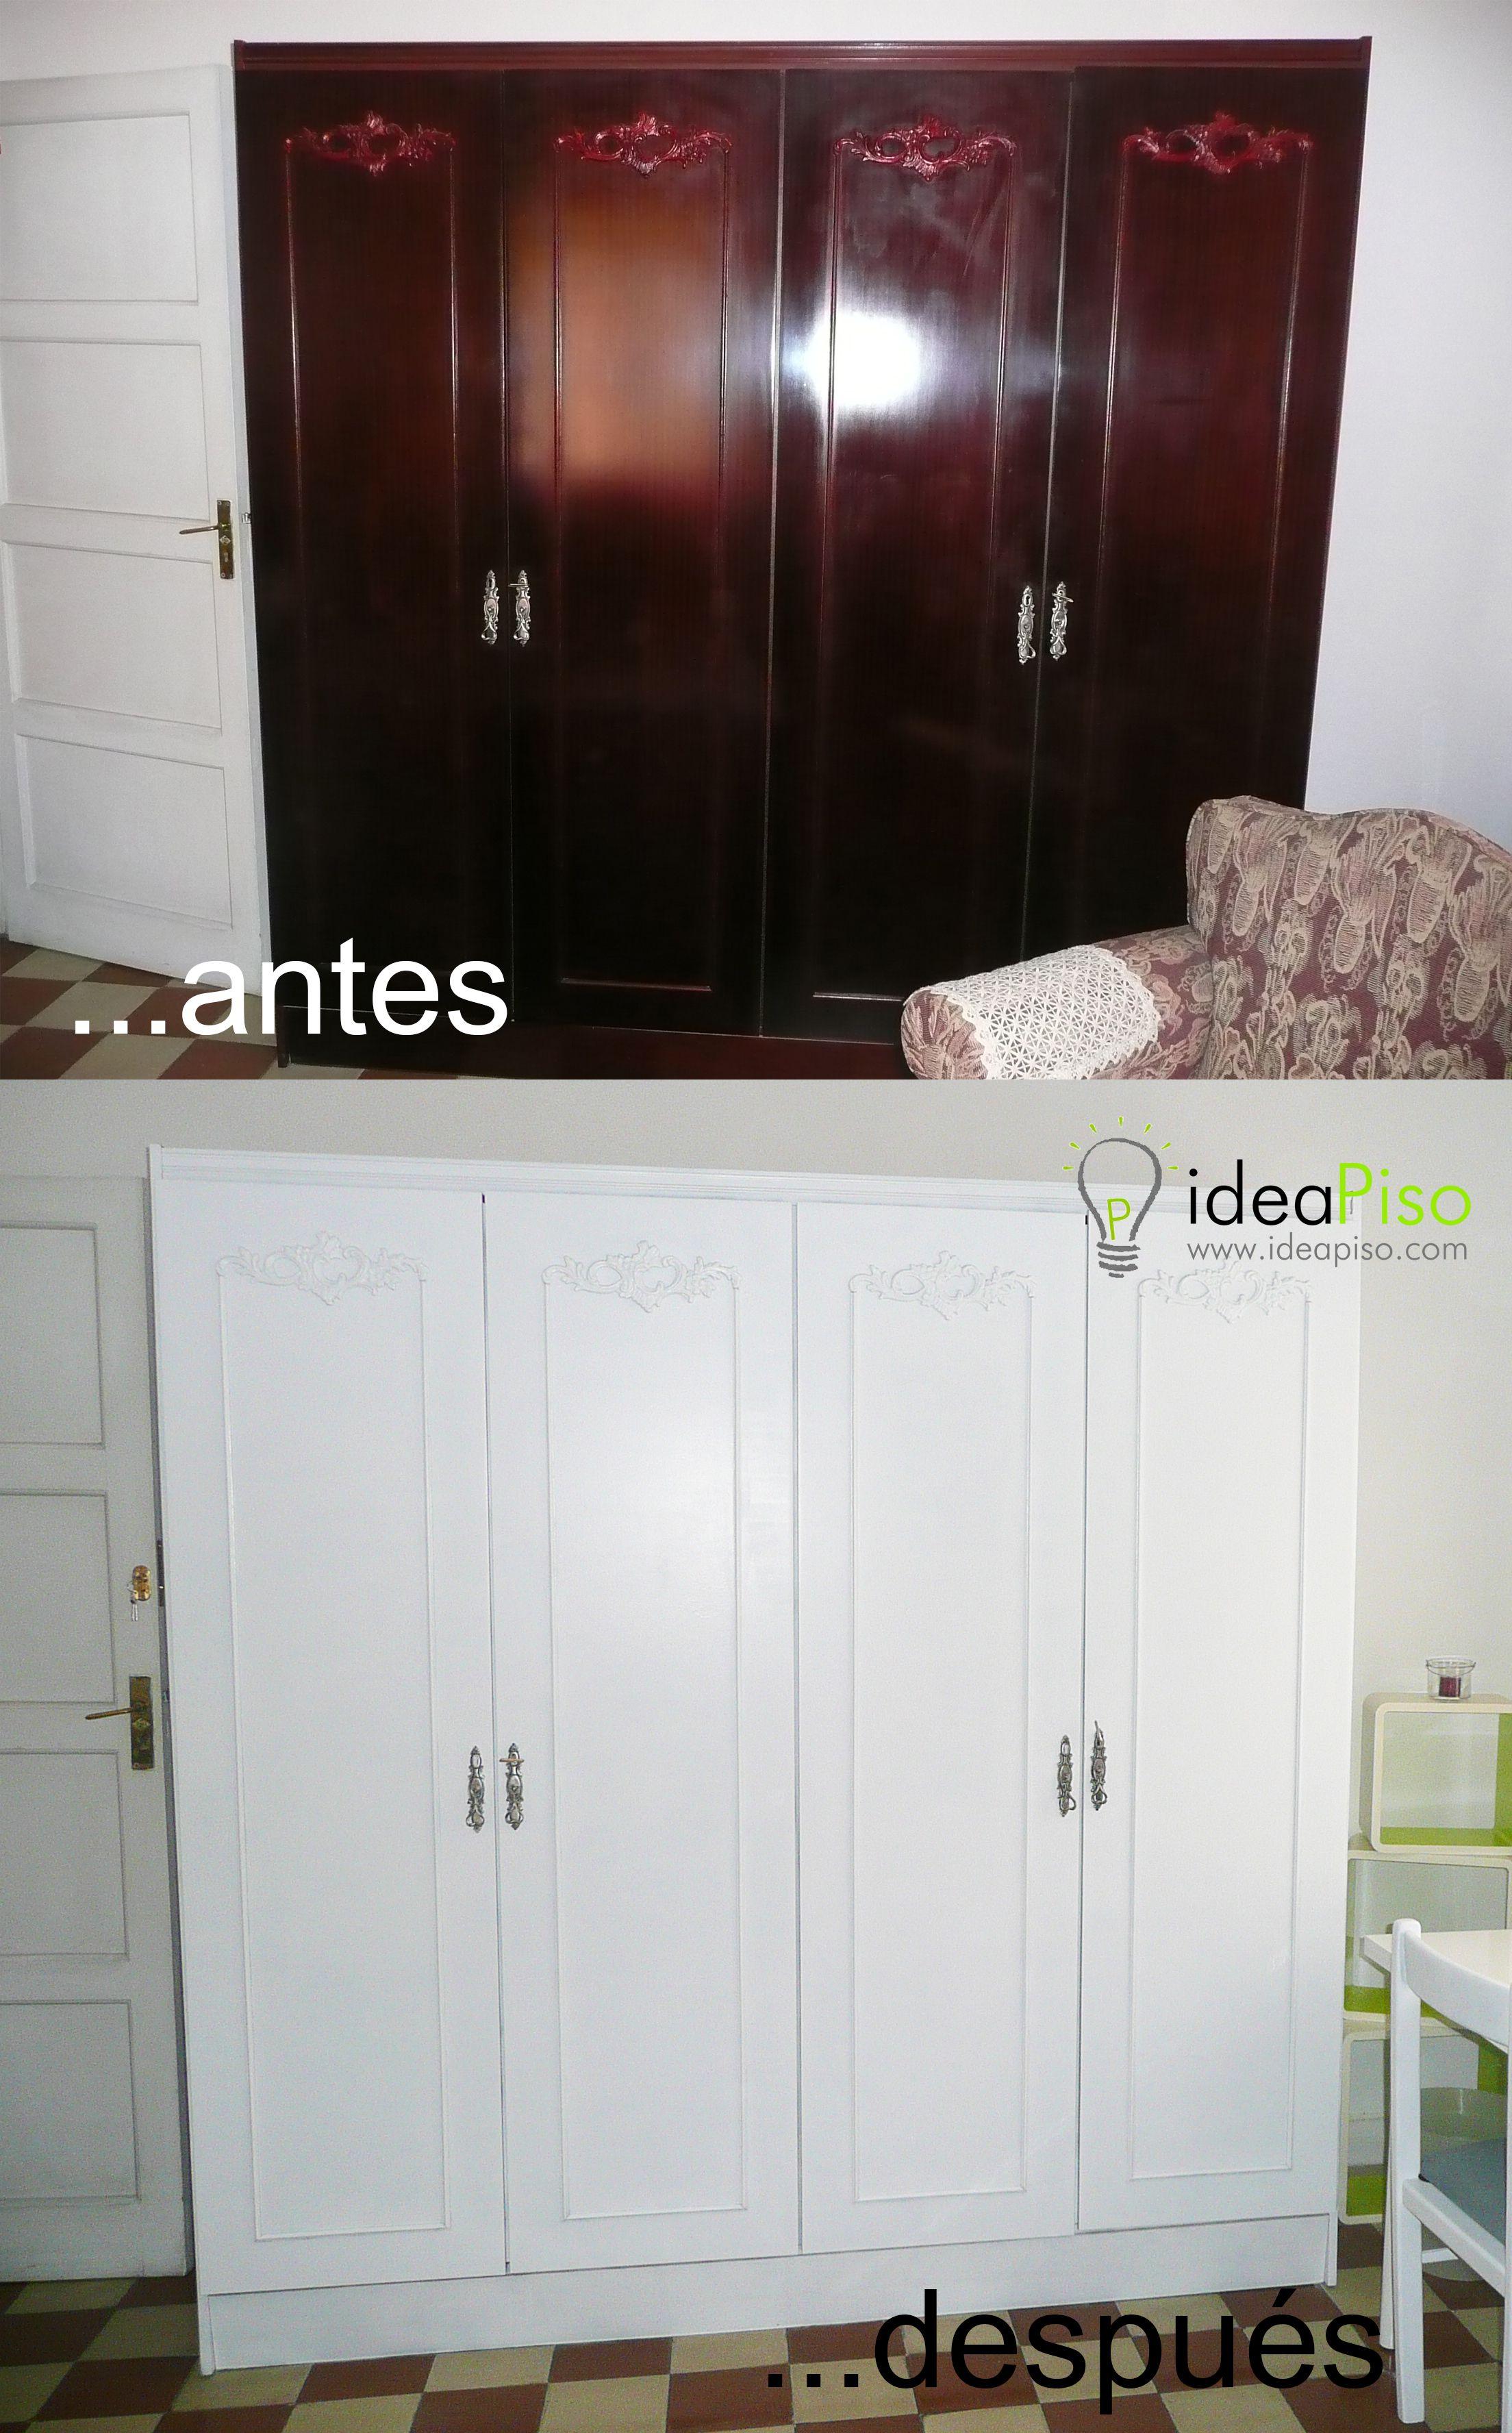 Simplemente Pintar De Blanco El Armario Cambia Completamente La Decoracion Y Estilo De La Hab Restauracion De Muebles Muebles Habitacion Como Restaurar Muebles